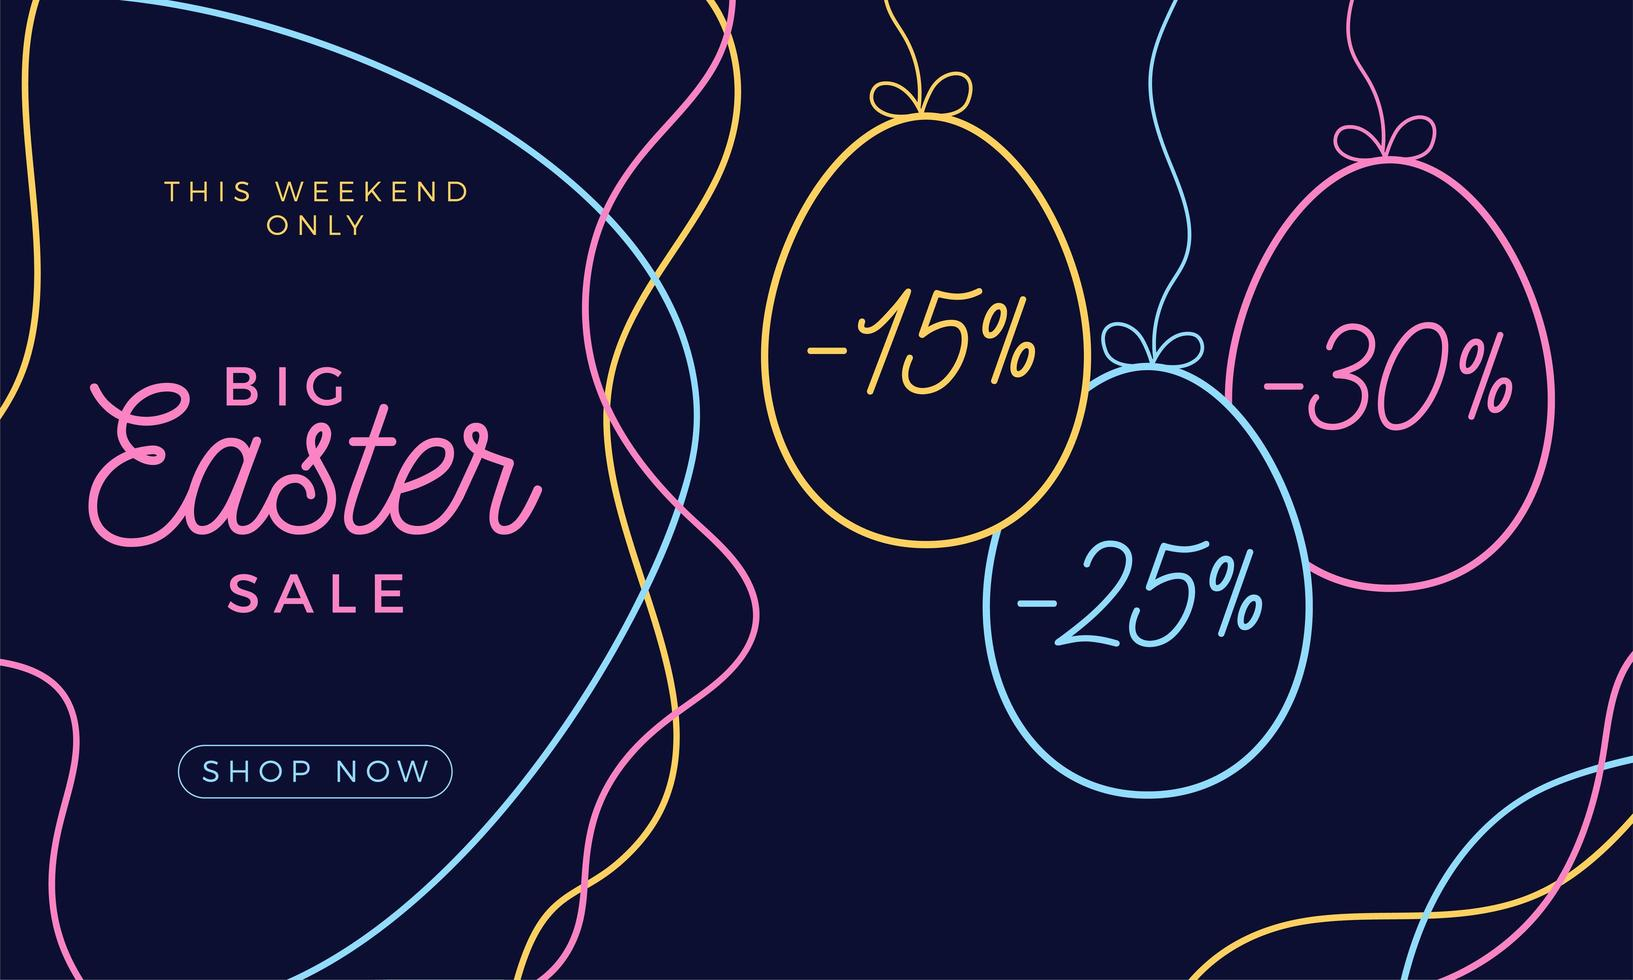 banner orizzontale di vendita di uova di Pasqua. carta di Pasqua con le uova di tiraggio della mano, uova decorate colorate su sfondo scuro moderno. illustrazione vettoriale. posto per il tuo testo vettore